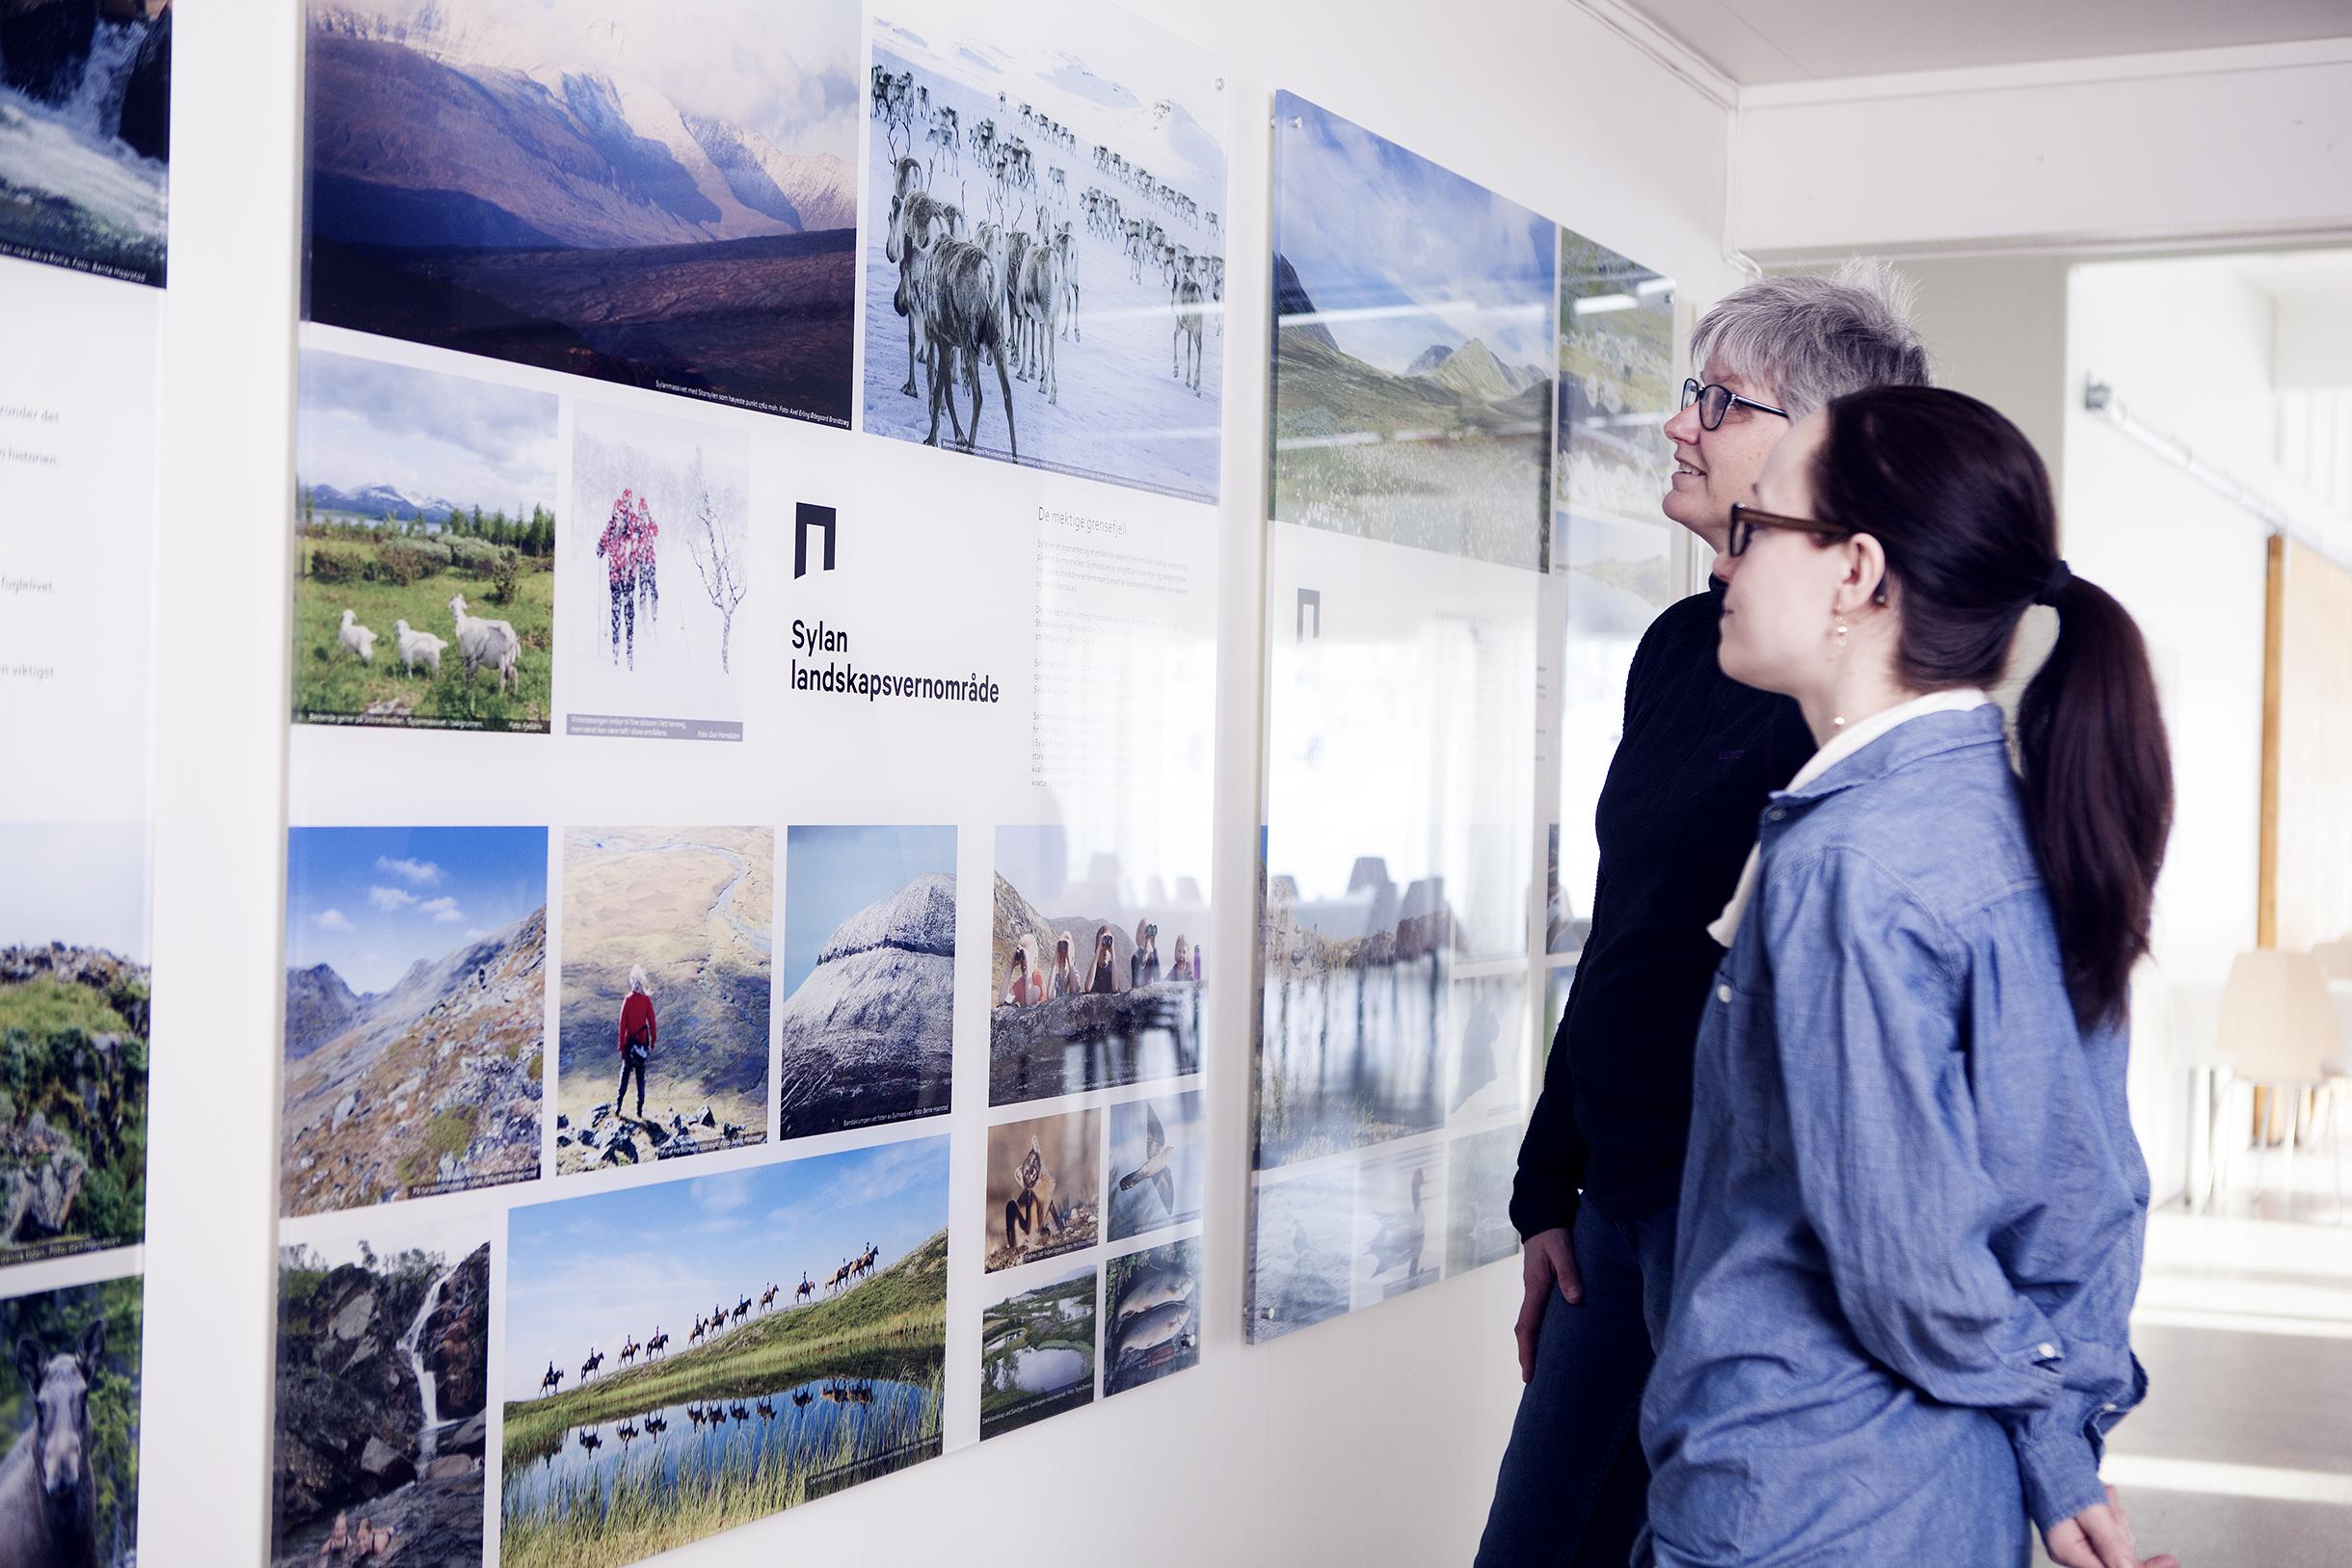 Du kan se utstilling av verneområder som Skarvan og Roltdalen nasjonalpark og Sylan landskapsvernområde på 705 Senteret.